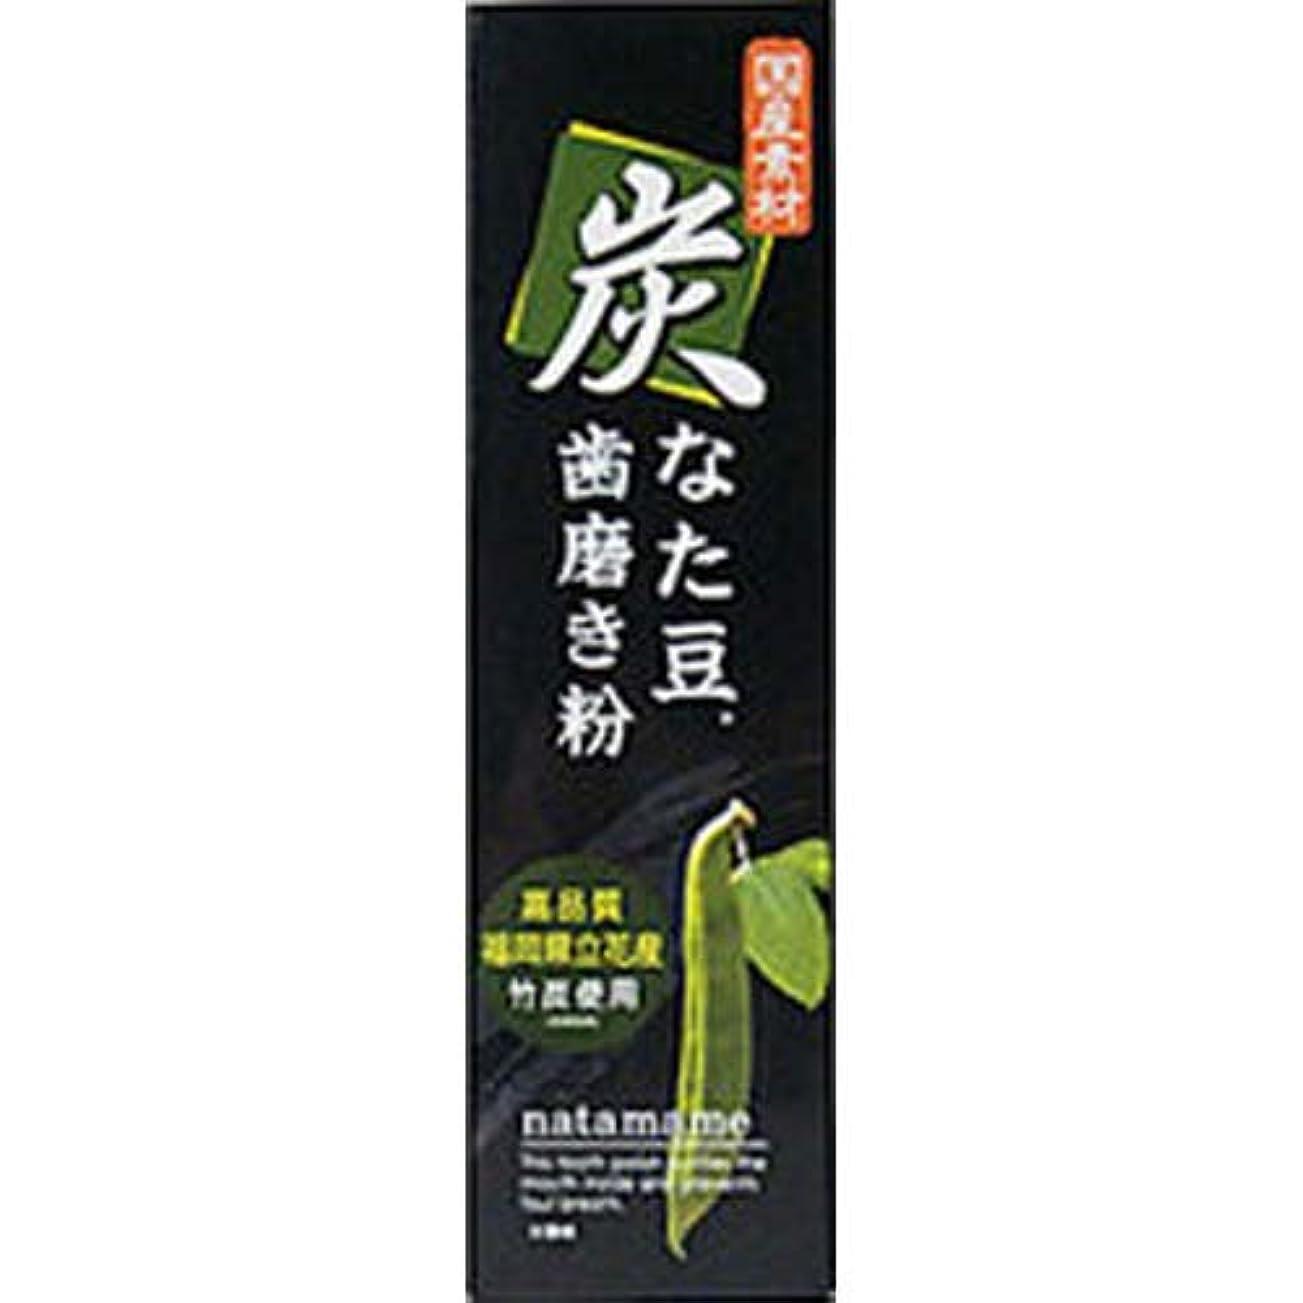 フリッパー甘味経験炭なた豆歯磨き粉 120g